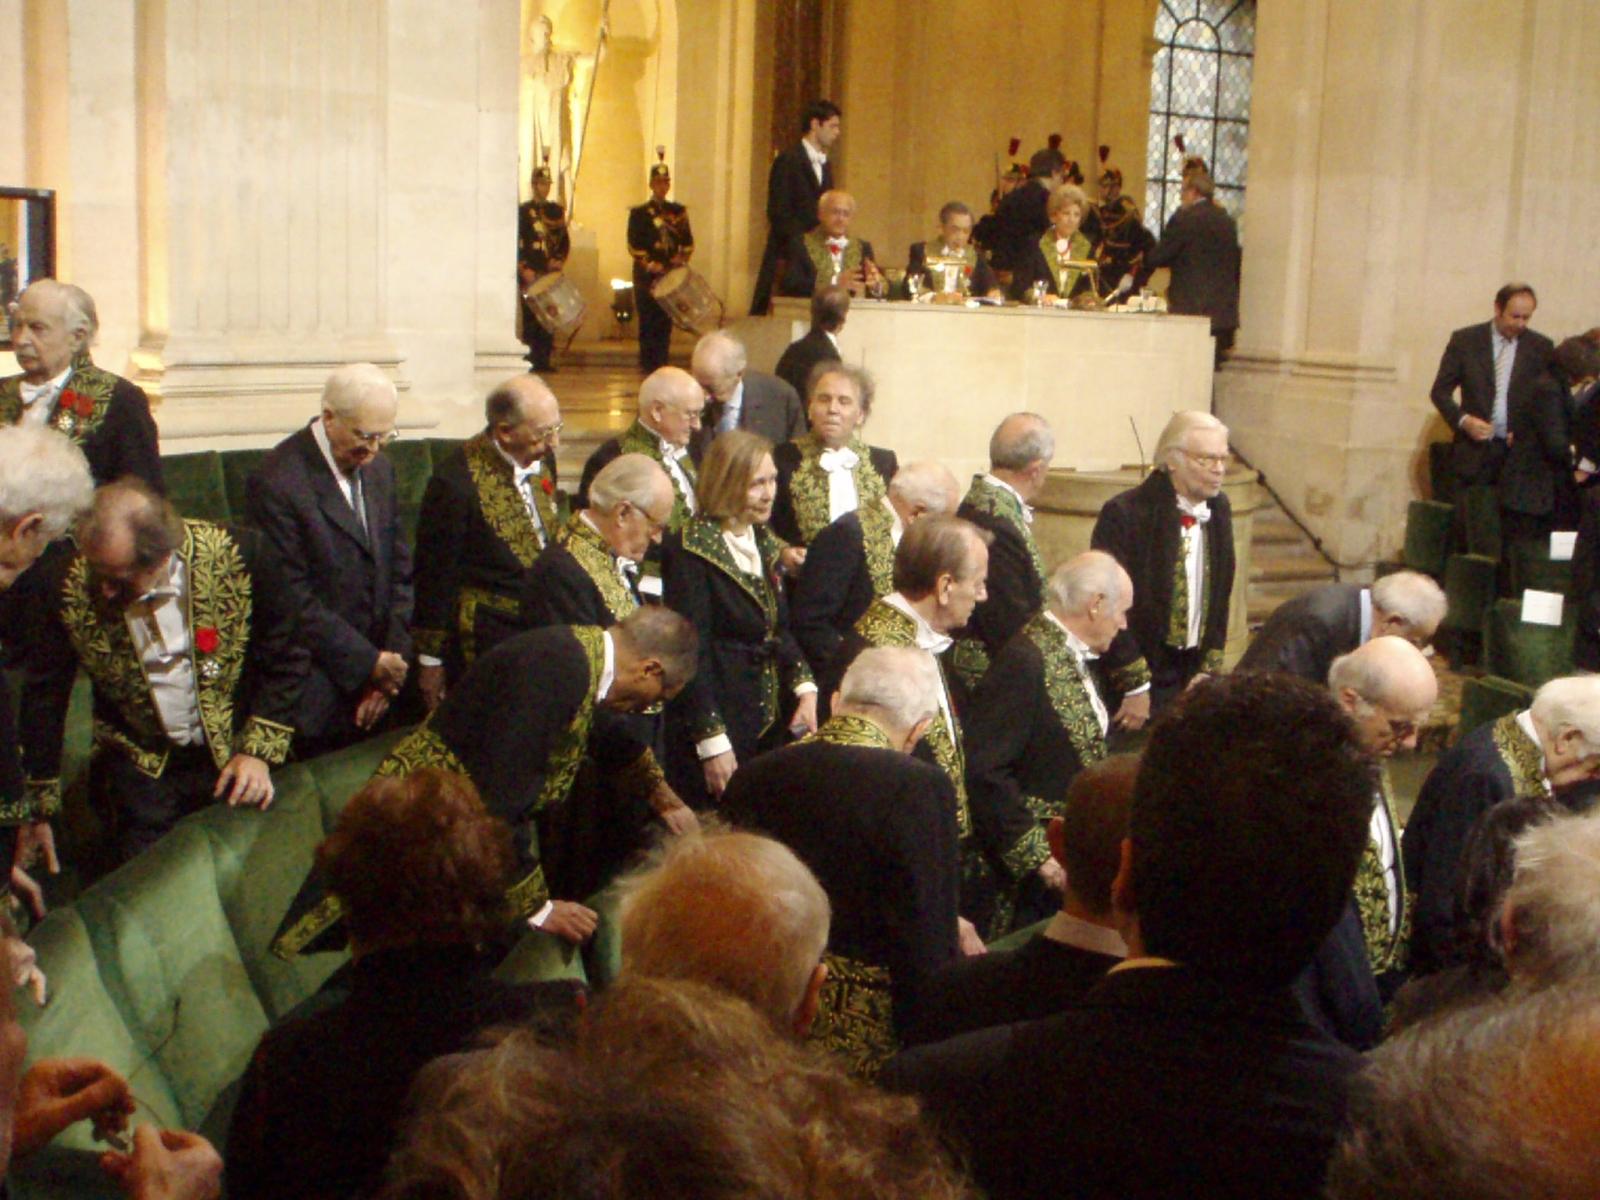 http://upload.wikimedia.org/wikipedia/commons/d/d9/Une_vingtaine_d%27académiciens%2C_au_29_novembre_2007.JPG